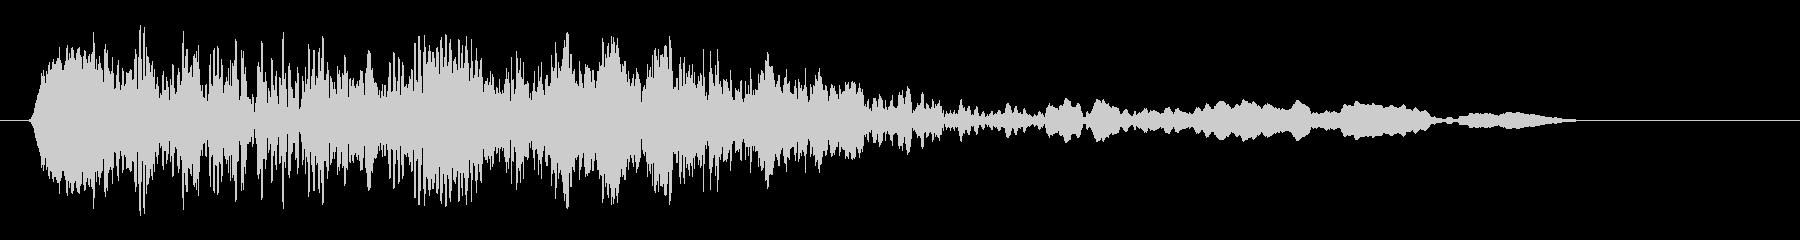 モキュッ (機械的な音声)の未再生の波形